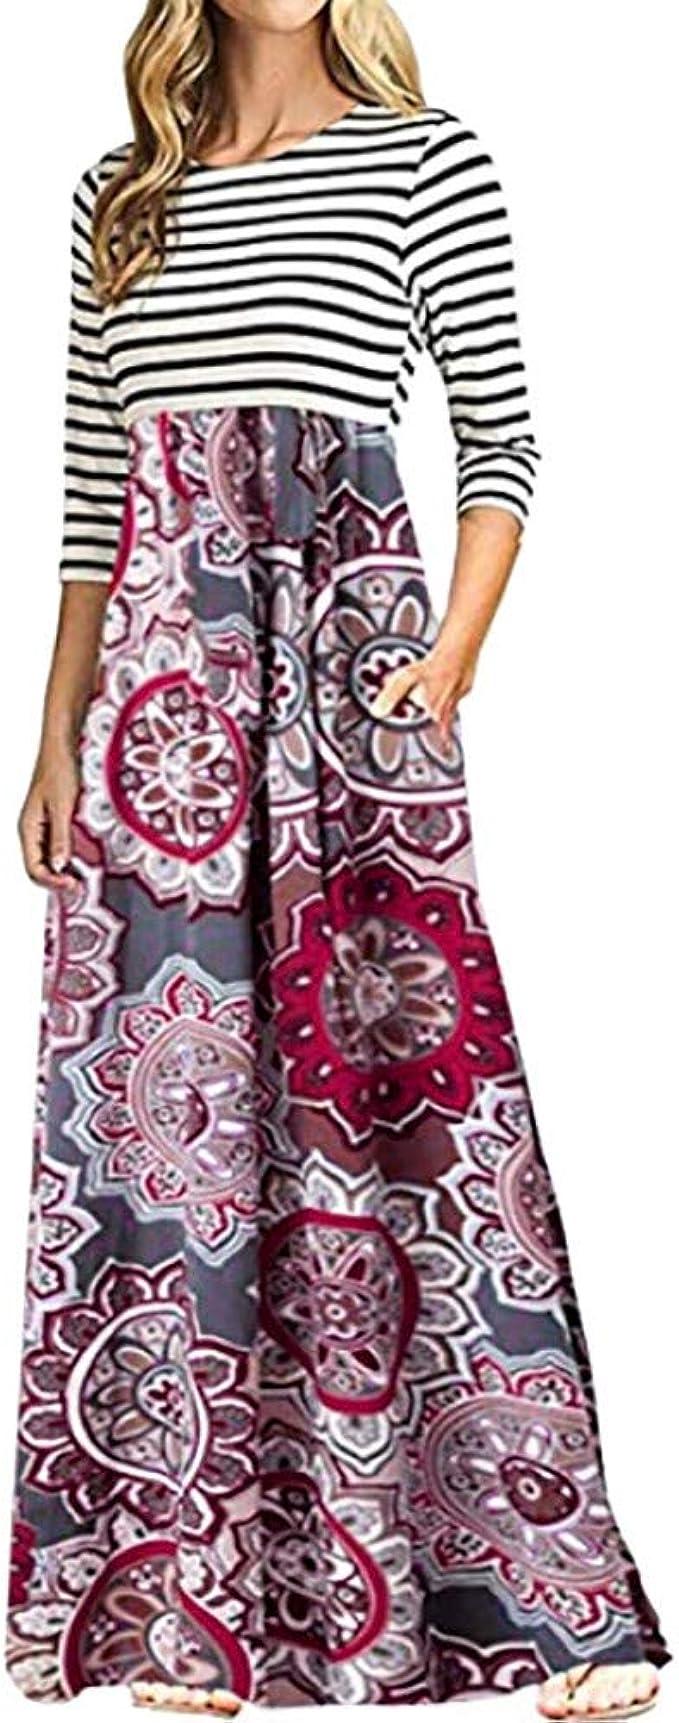 SamMoSon Damen Elegant Kleider Sommerkleid Retro Rockabilly